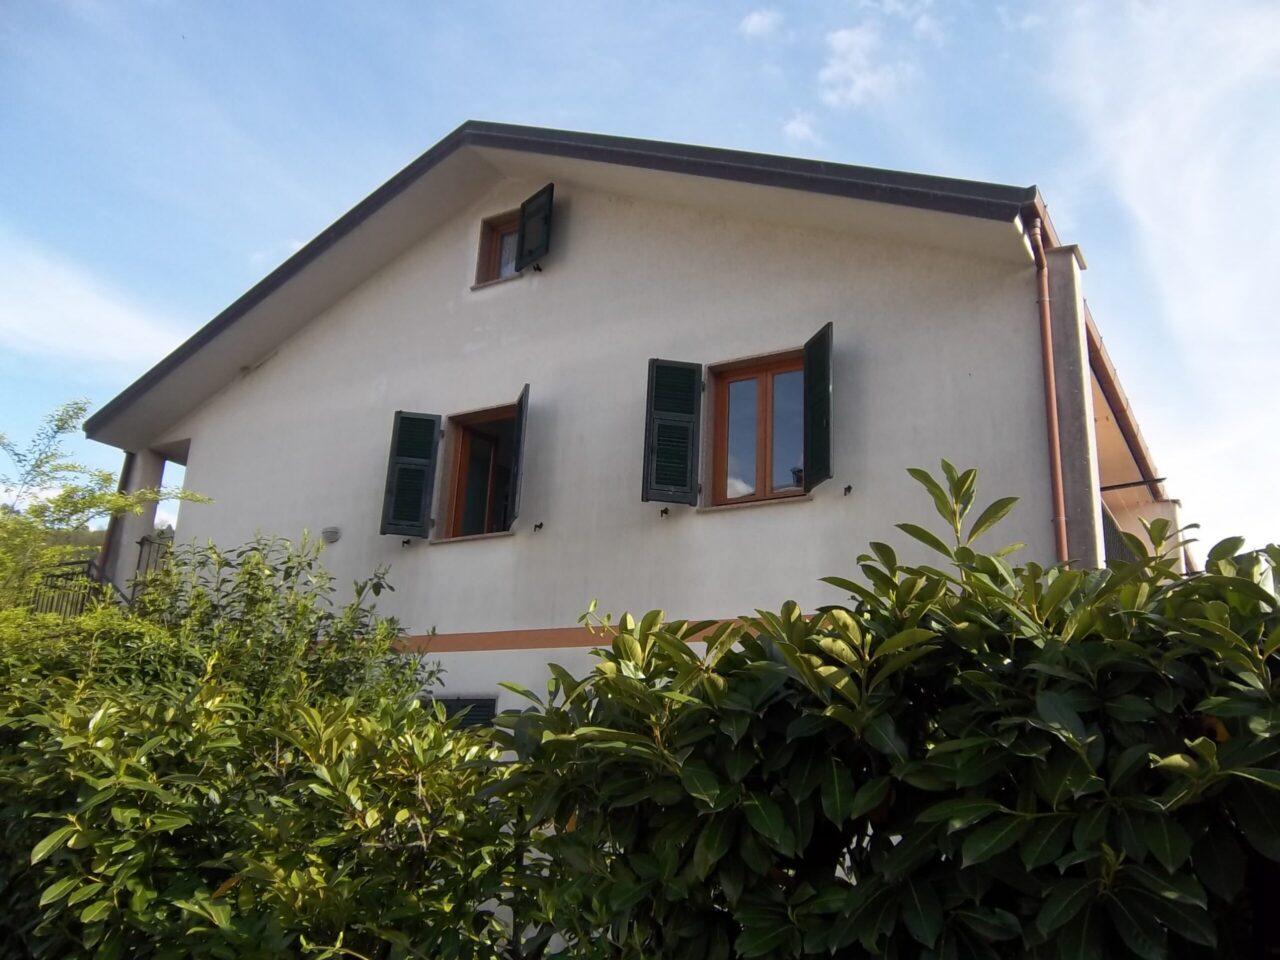 Sesta Godano – Appartamento arredato in complesso di villette a schiera